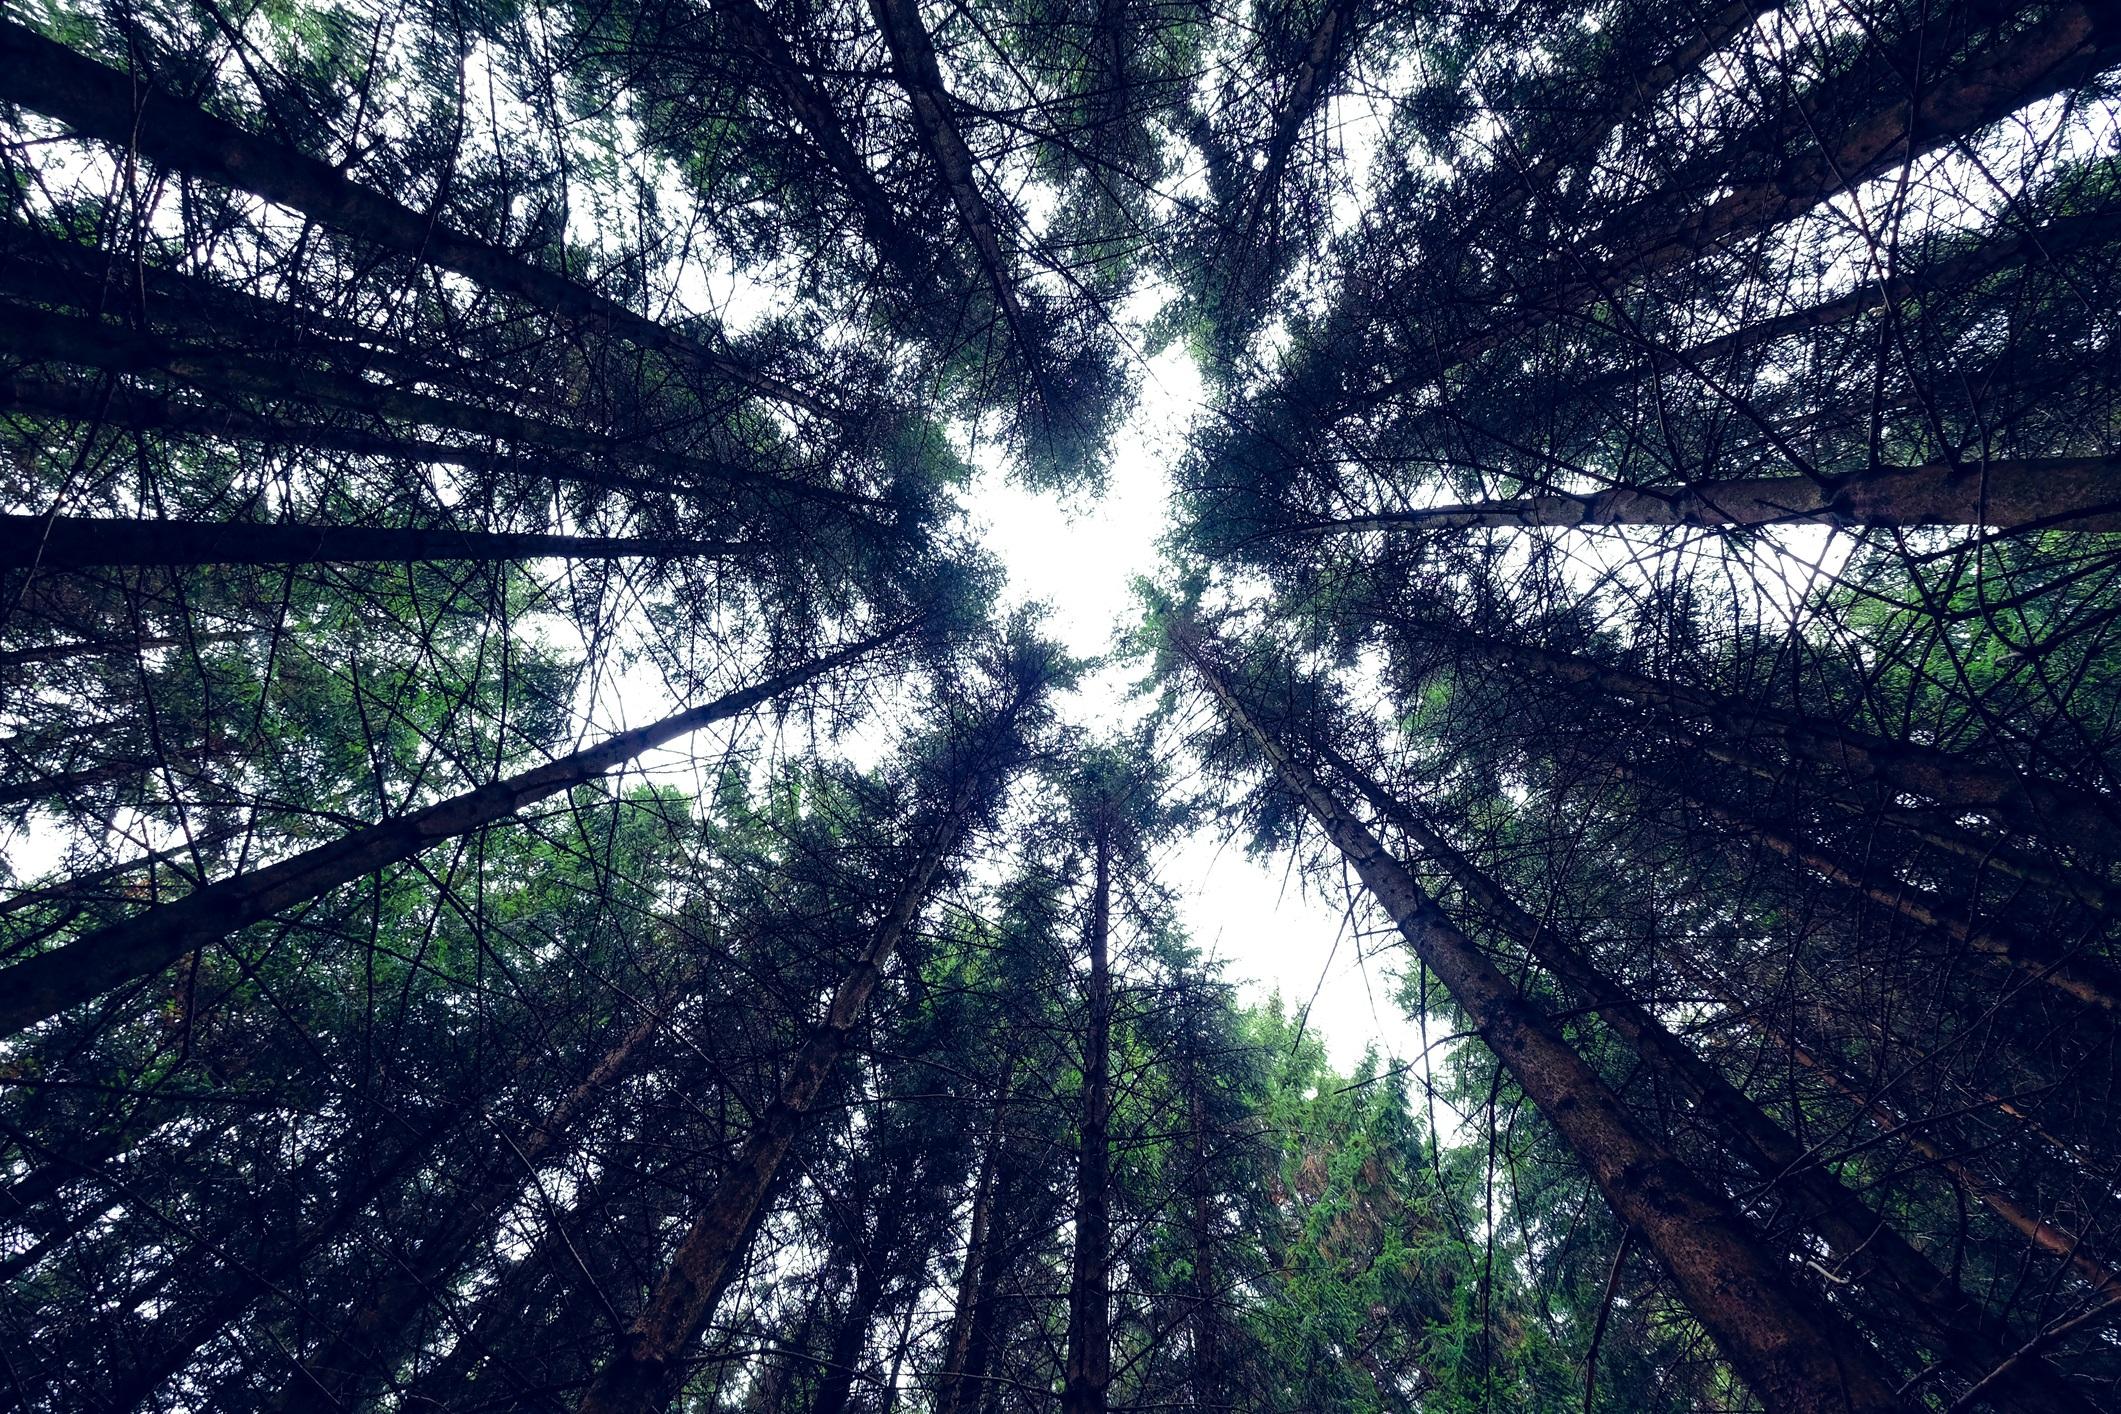 <p>Сгушена в Югозападна Германияи граничеща с река Рейн, вечнозелените дървета на Черната гора са толкова красиви, колкото и зловещи и се твтърди, че са дом на паранормални същества вариращи от вещици до върколаци.</p>